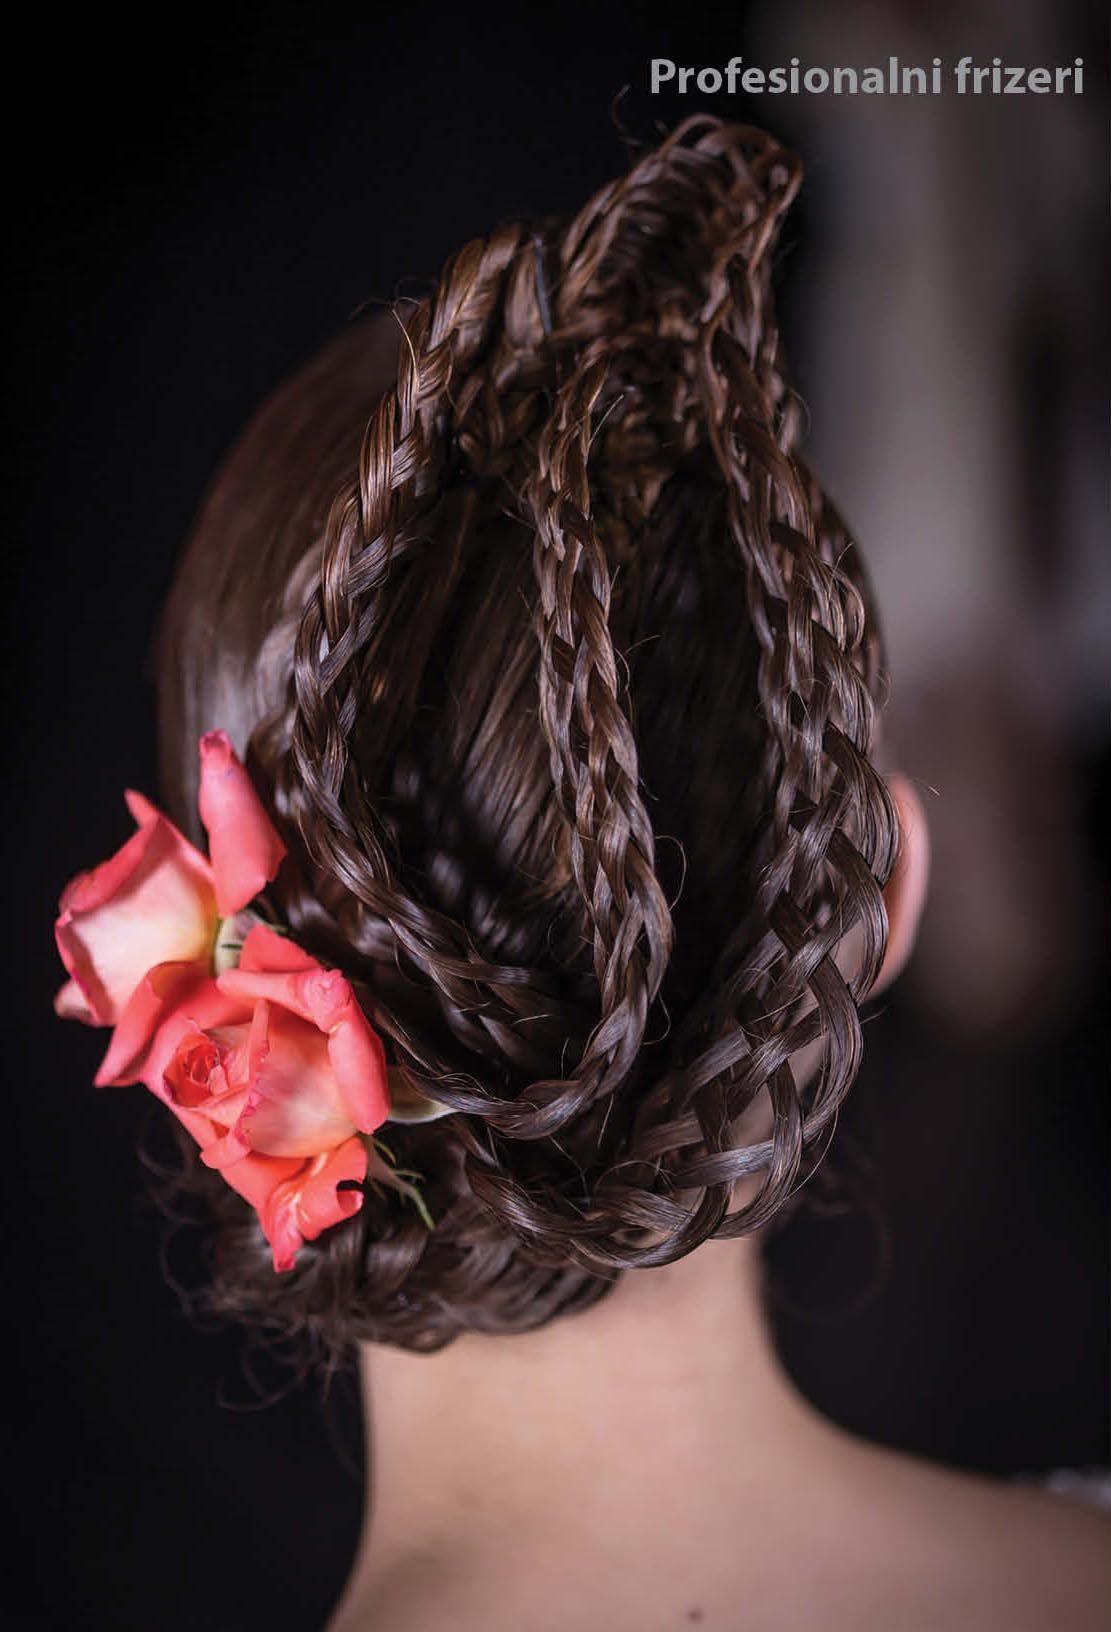 etno-tradicijske-frizure-beauty-modnialmanah